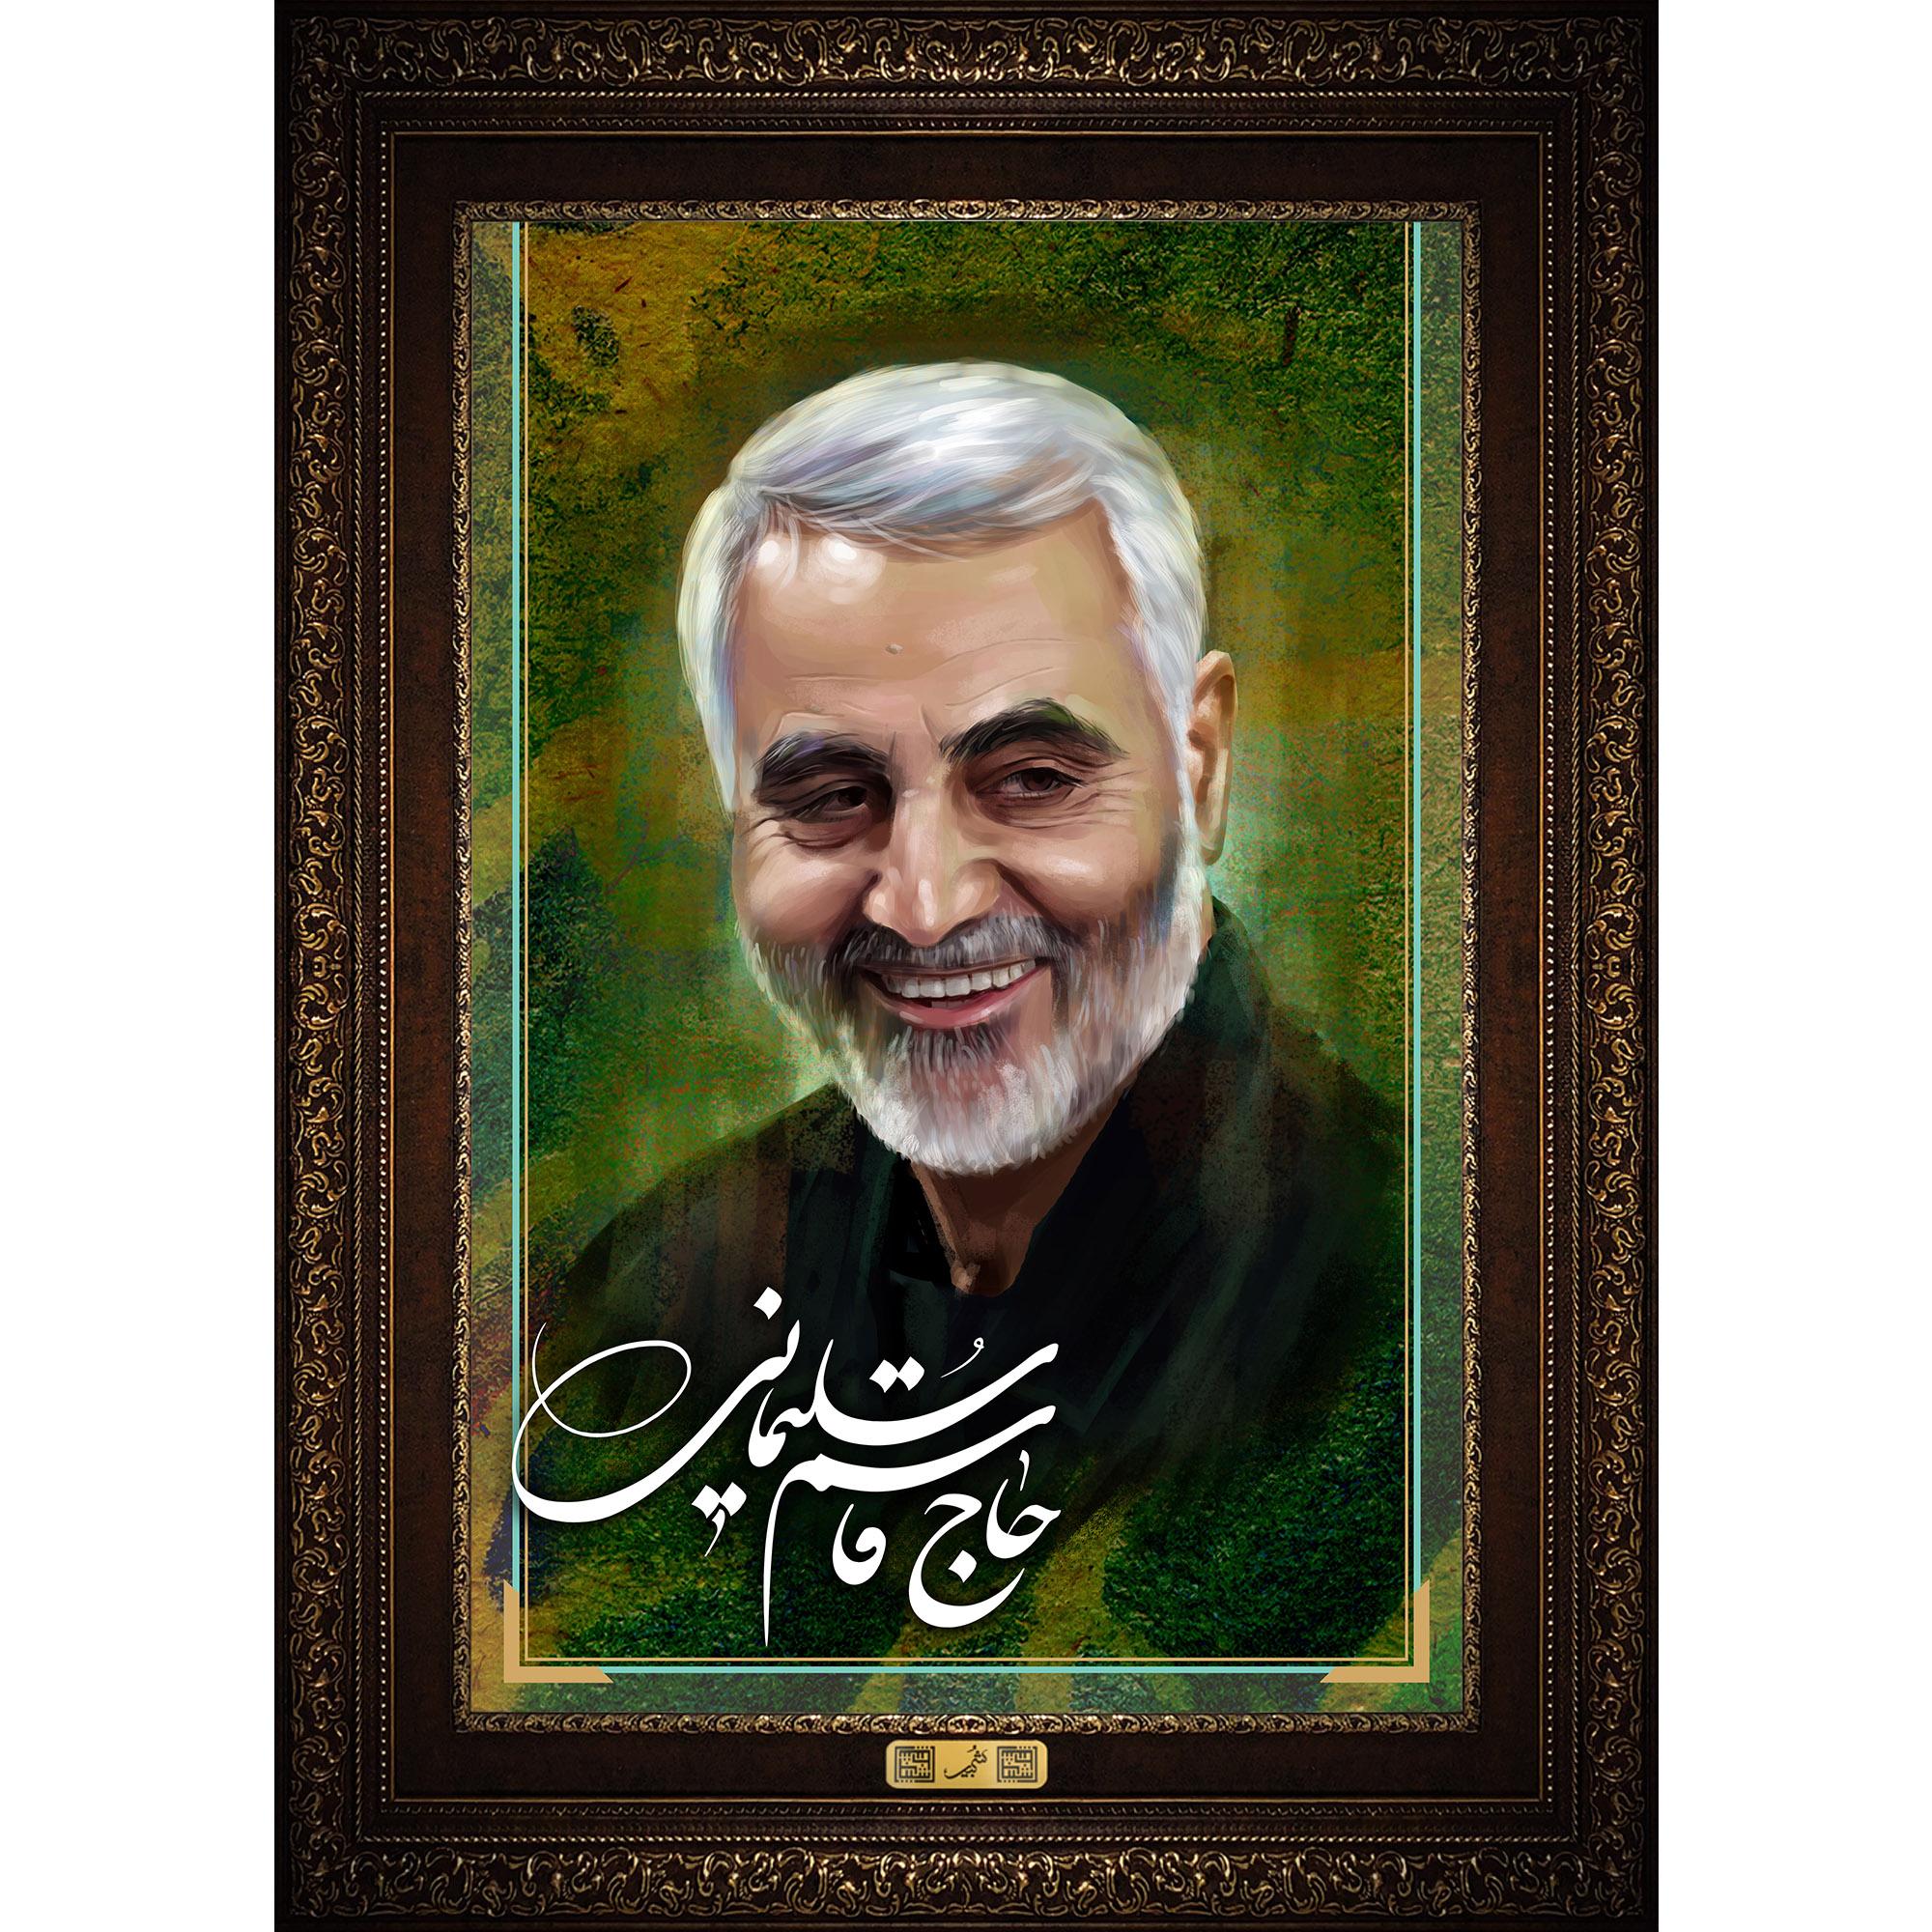 تابلو فرش ماشینی شبیر طرح سردار قاسم سلیمانی کد ۱۰۲